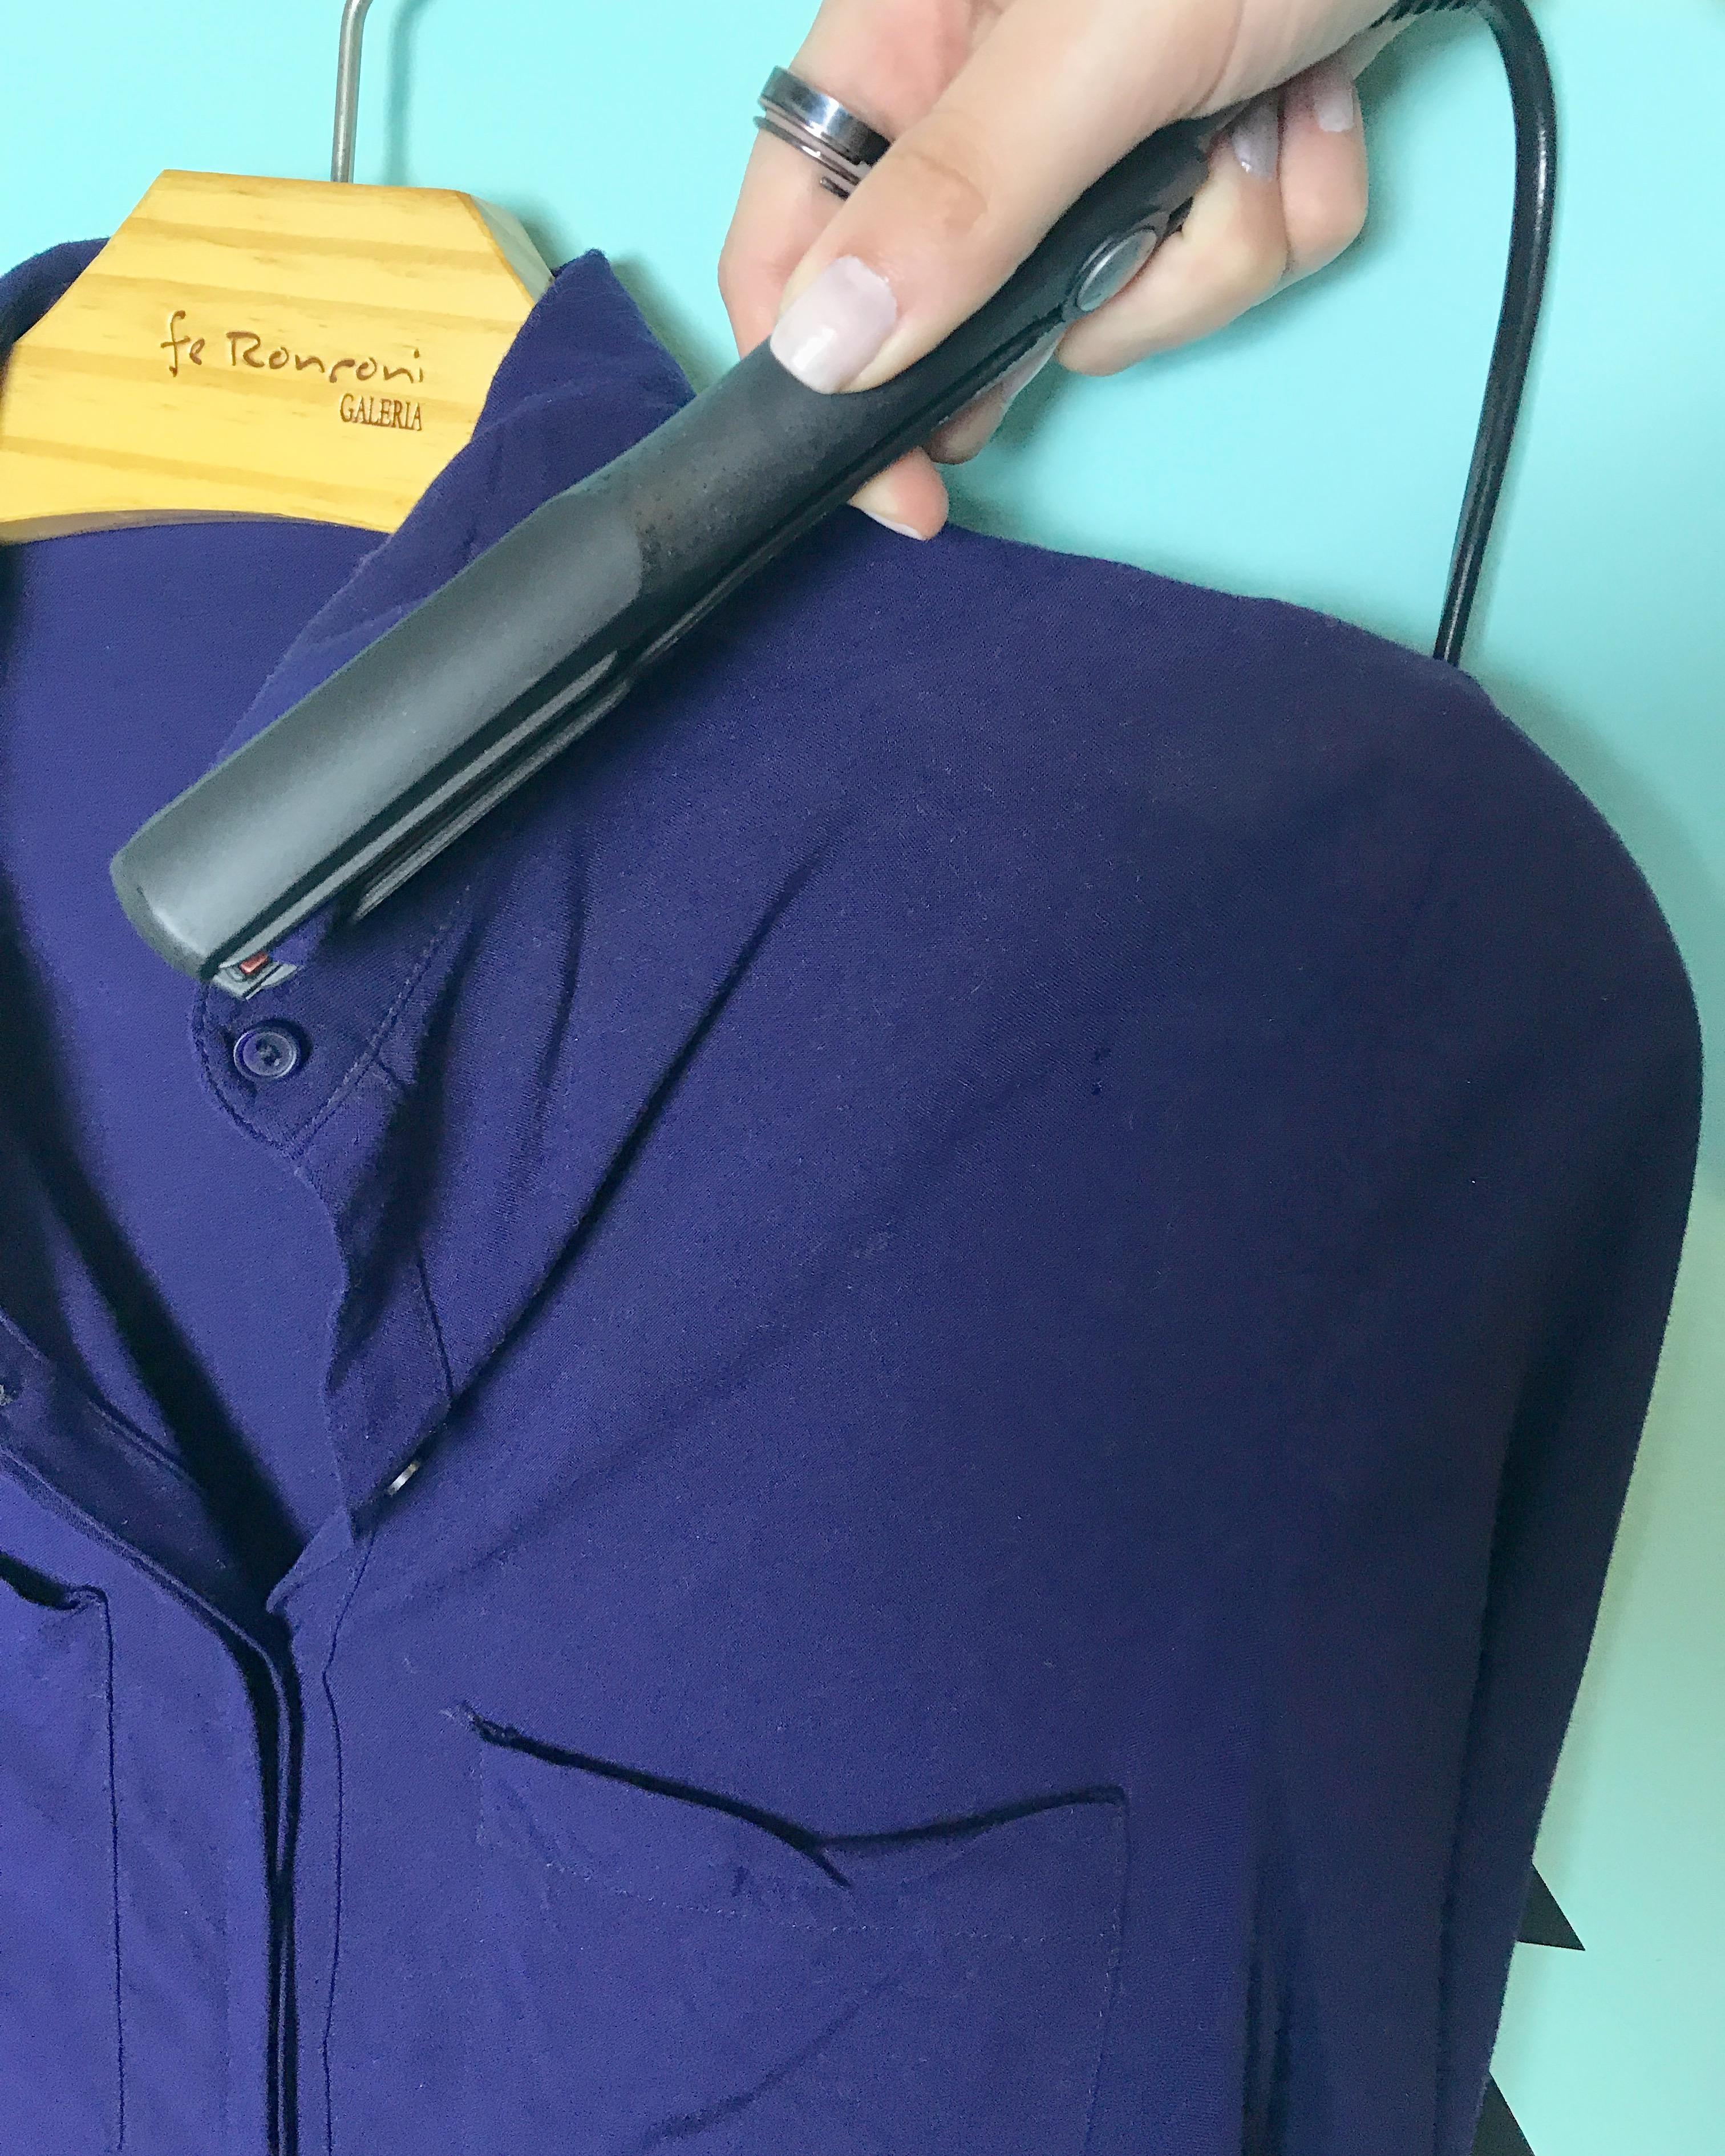 454e218f6 Opção mais irreverente e que talvez você nunca tenha pensado nela!! A  chapinha ajuda a deixar bem lisinhas pequenas partes da roupa